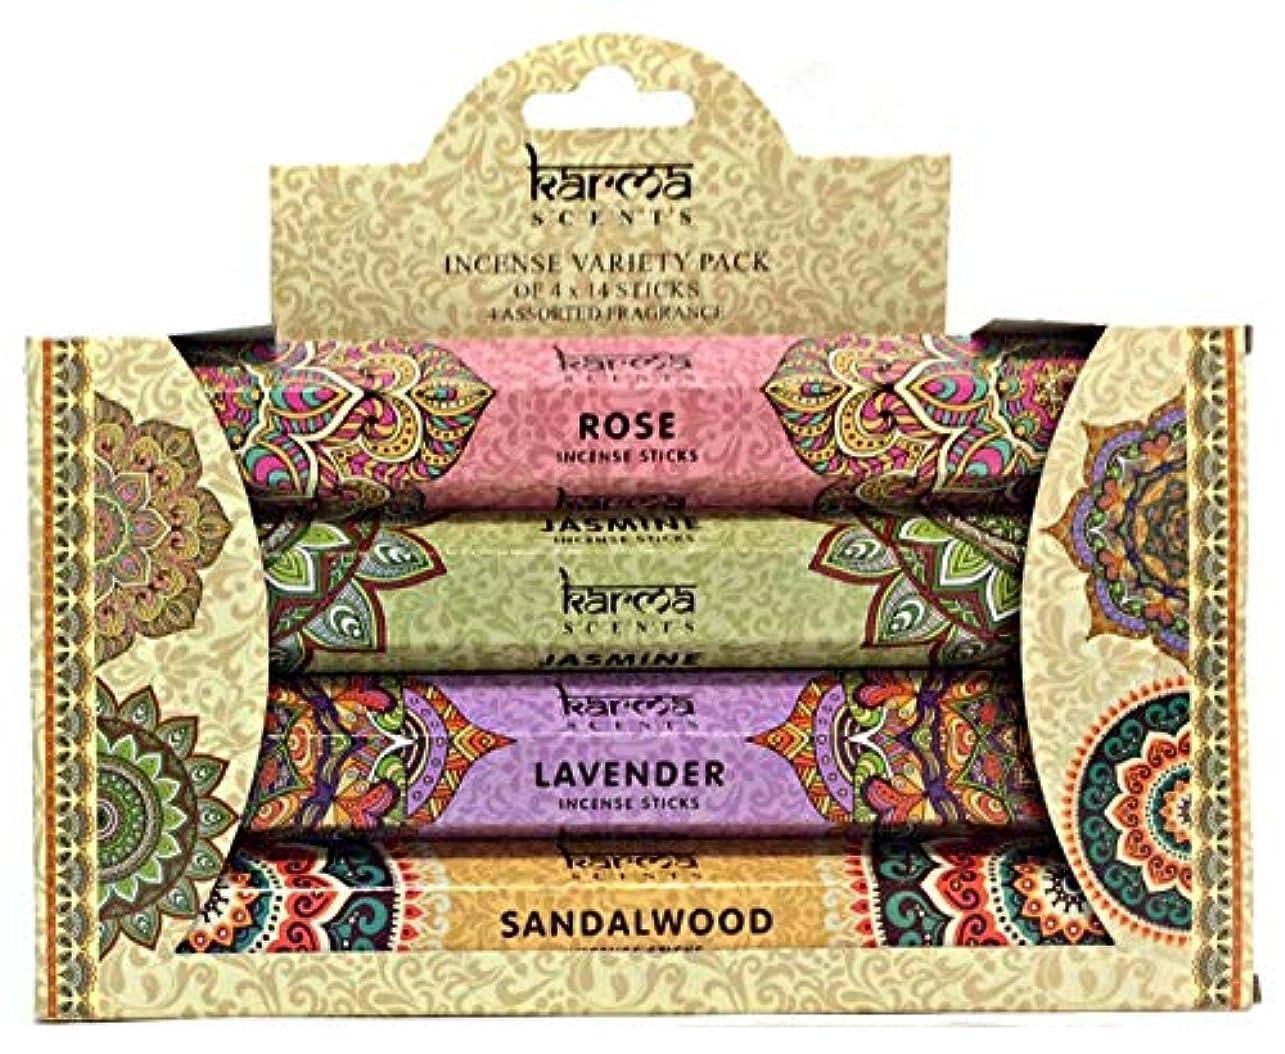 カセット永遠に紛争Karma Scents Incense Variety Pack – 4 Assorted Fragrances